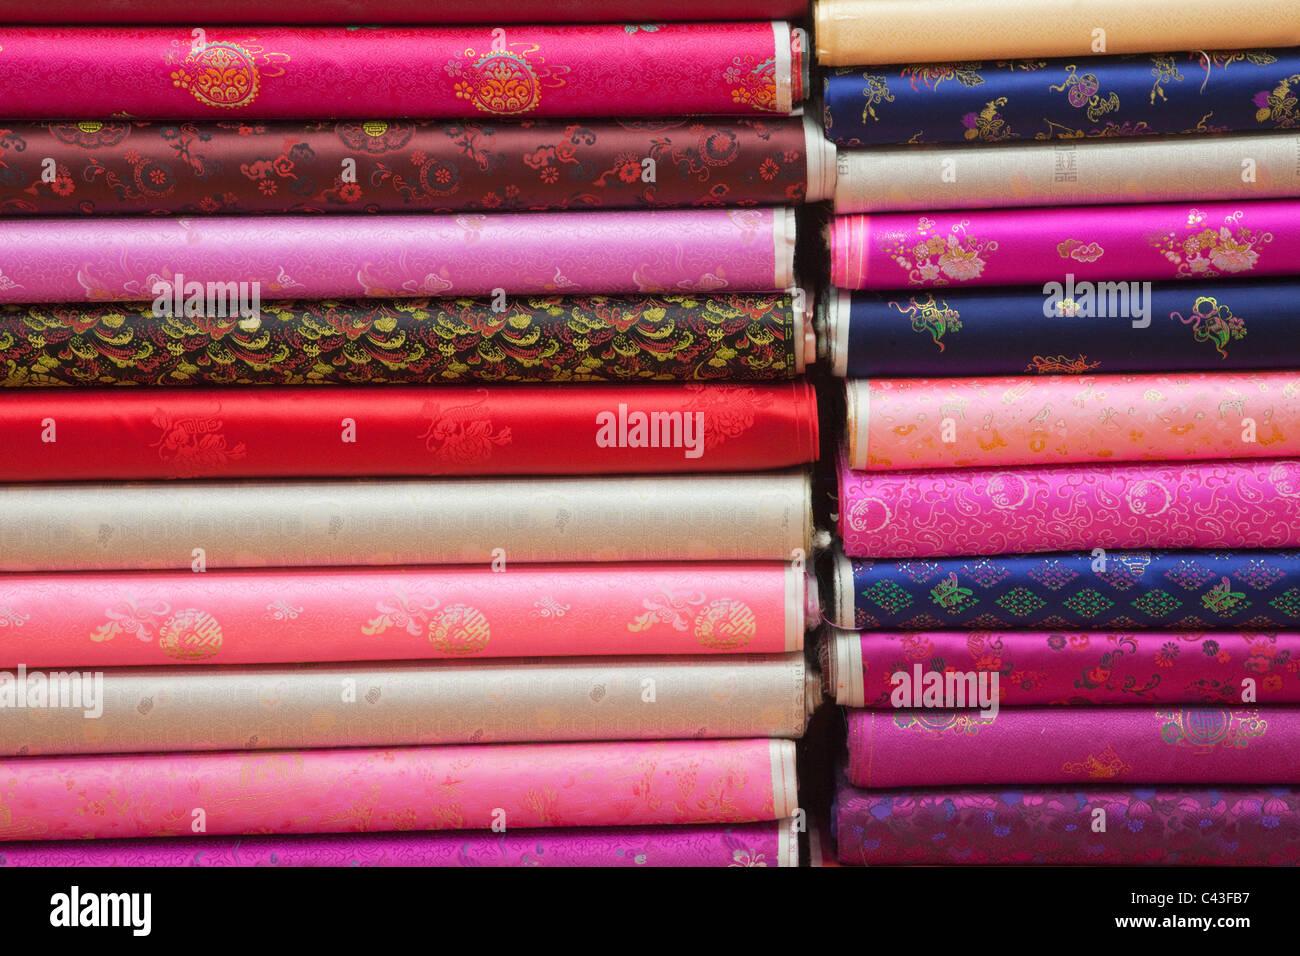 En Asia, Corea del Sur, Seúl, del mercado de Dongdaemun, Fabric Shop, telas, materiales, seda, seda, Tienda, mercado, tiendas, mercados, turismo, Tra Foto de stock